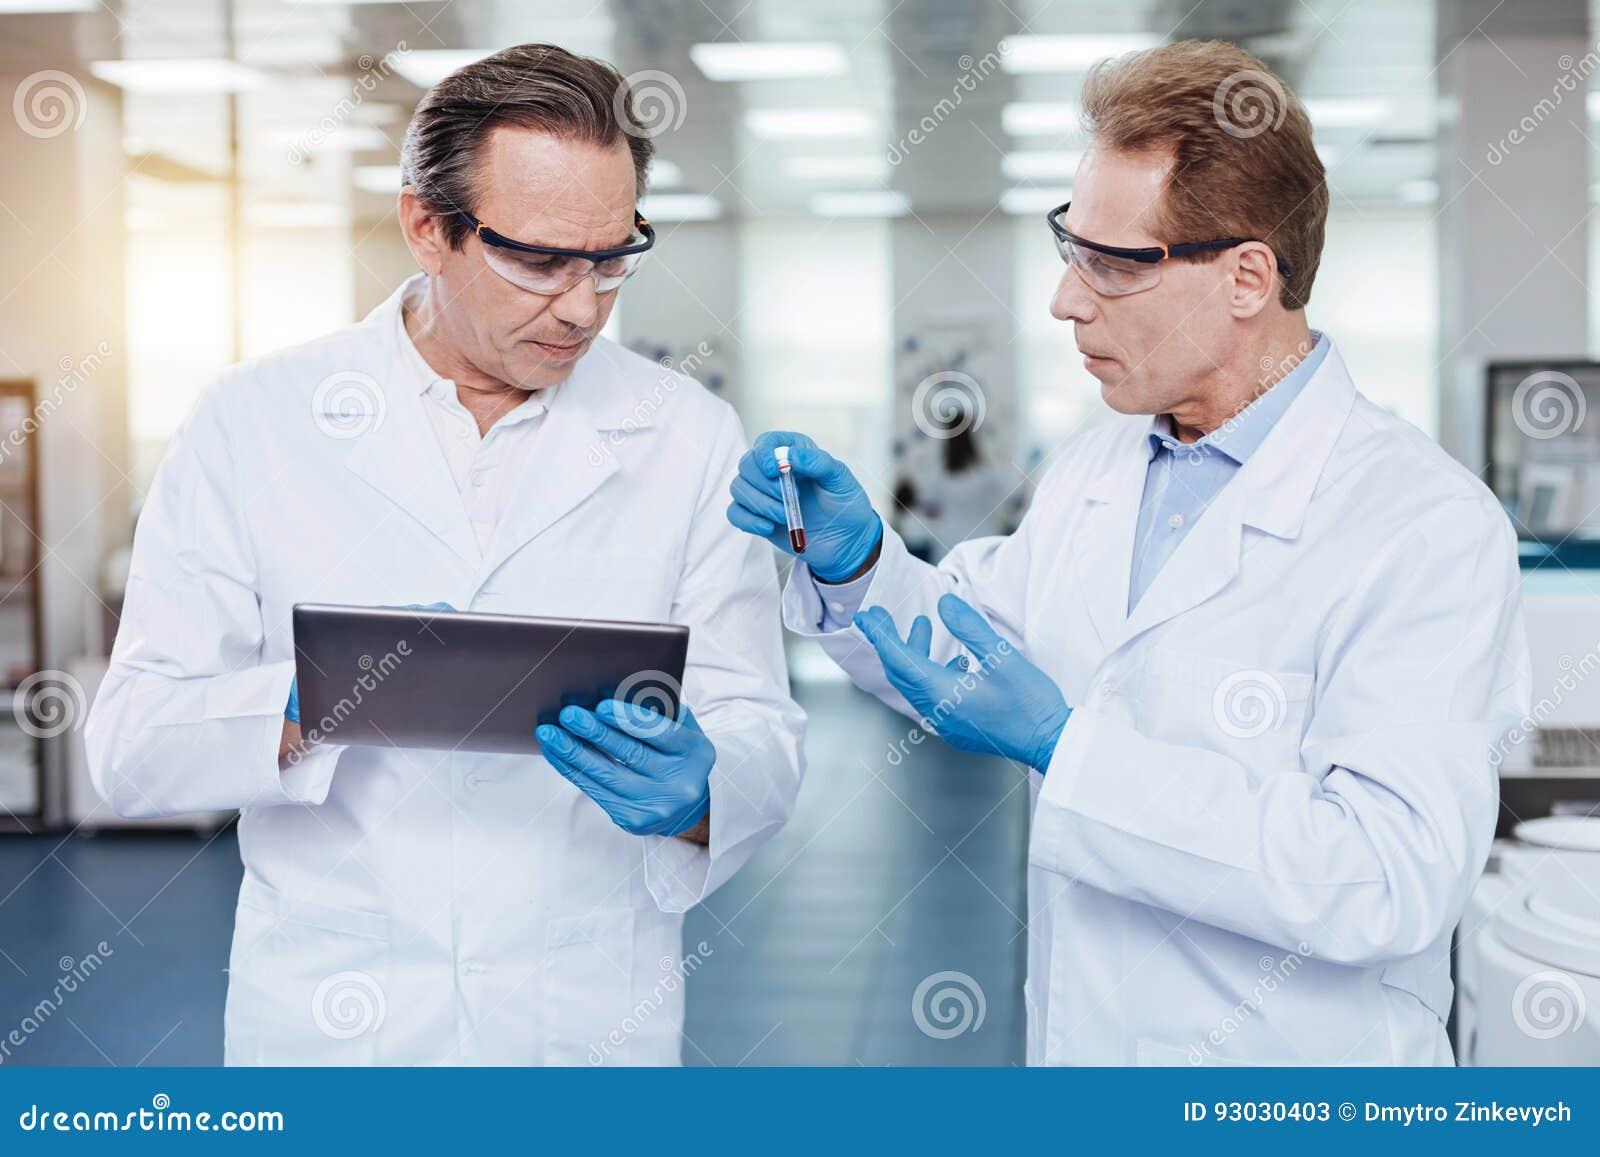 vad gör en forskare